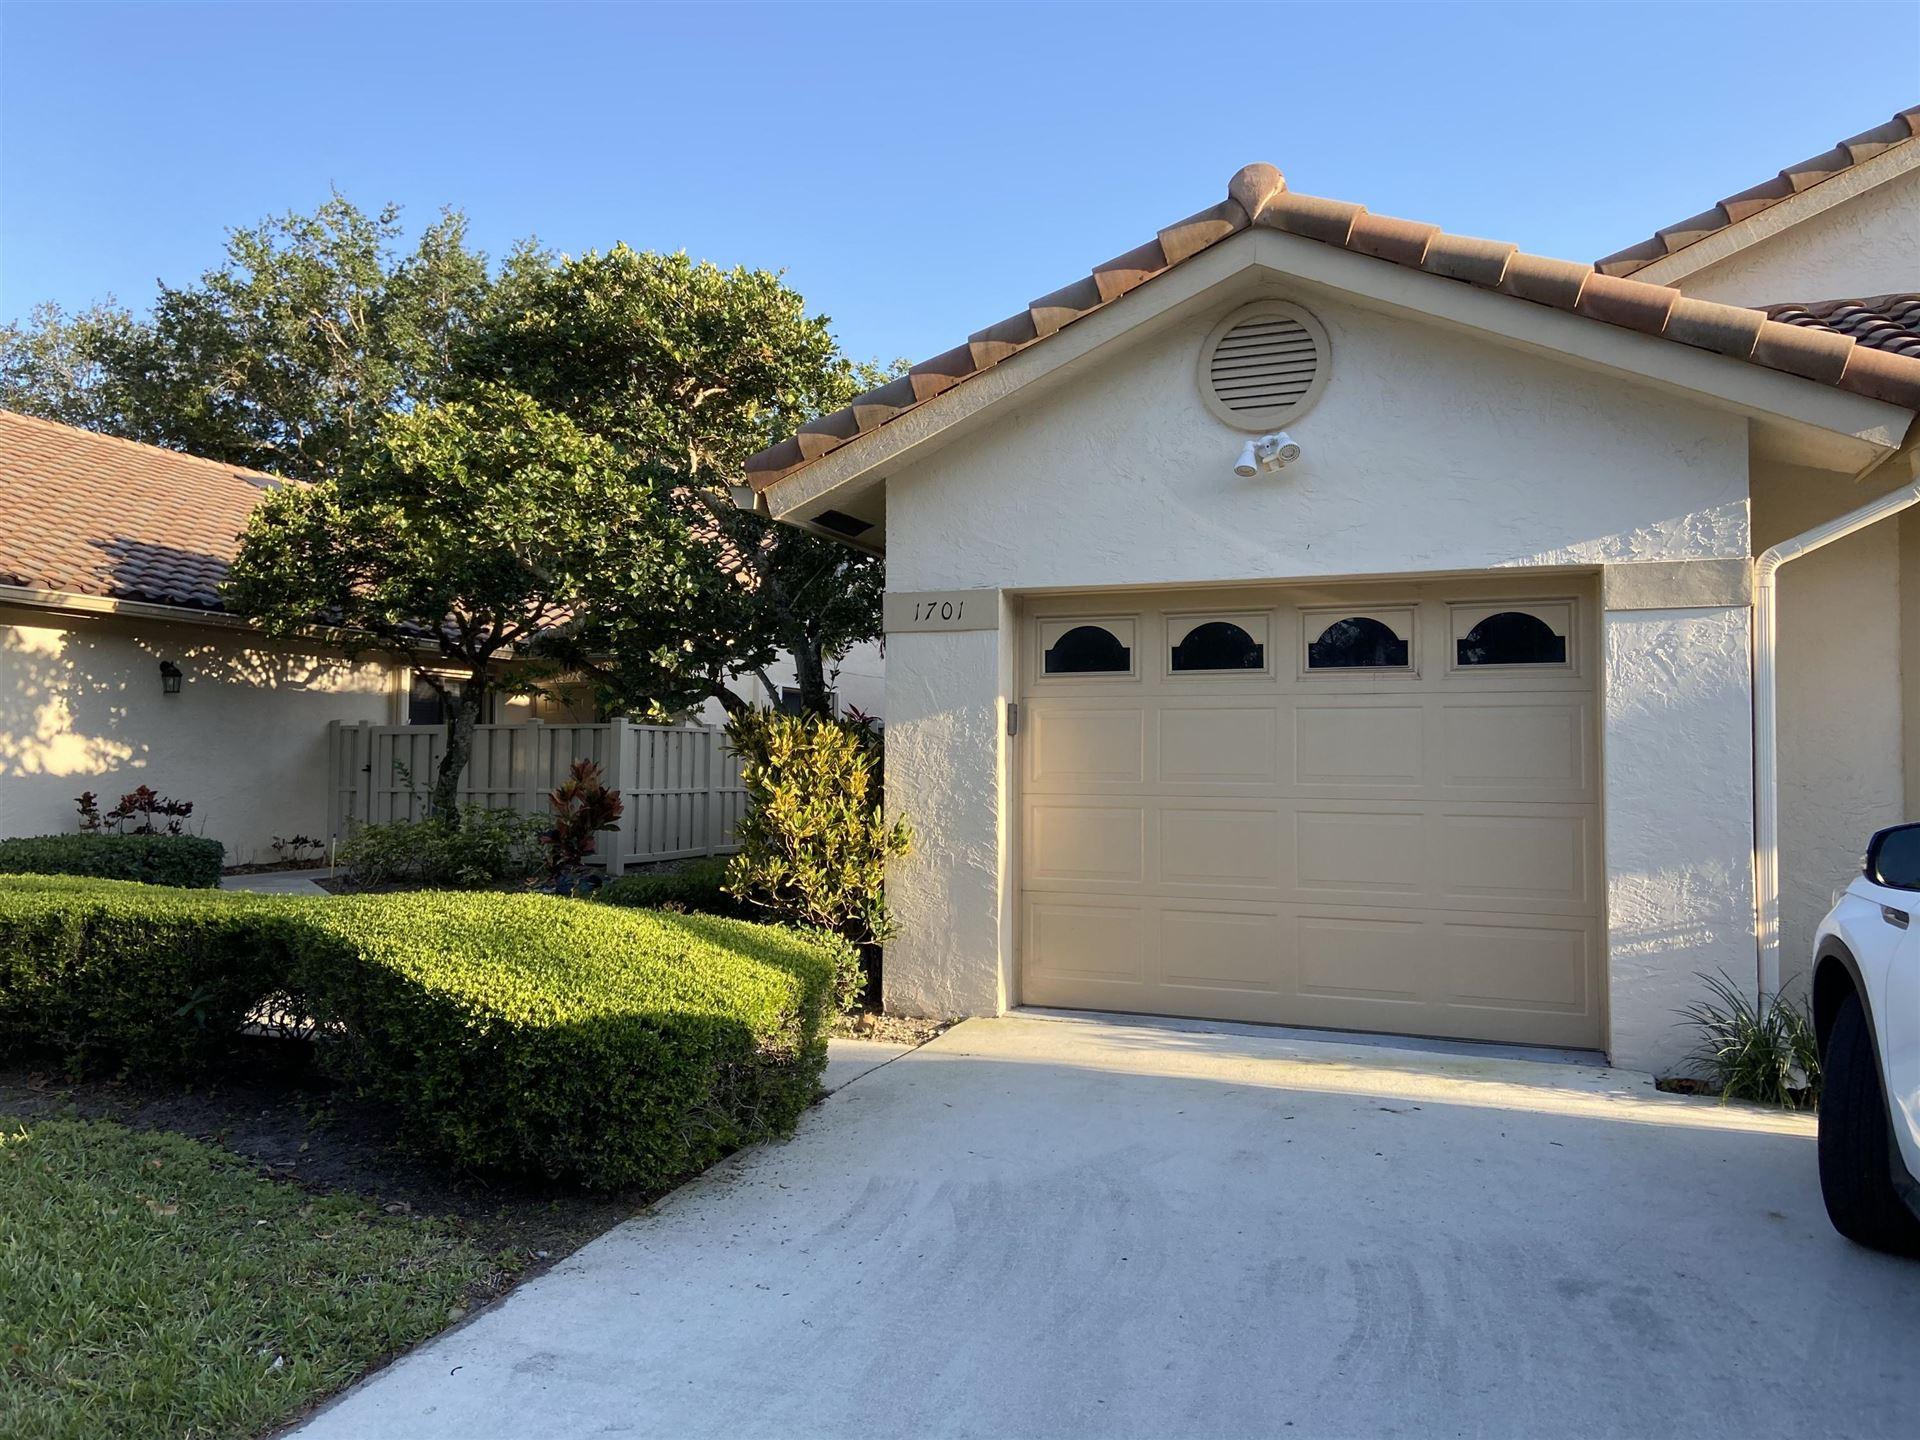 10019 53rd Way S #1701, Boynton Beach, FL 33437 - #: RX-10706642